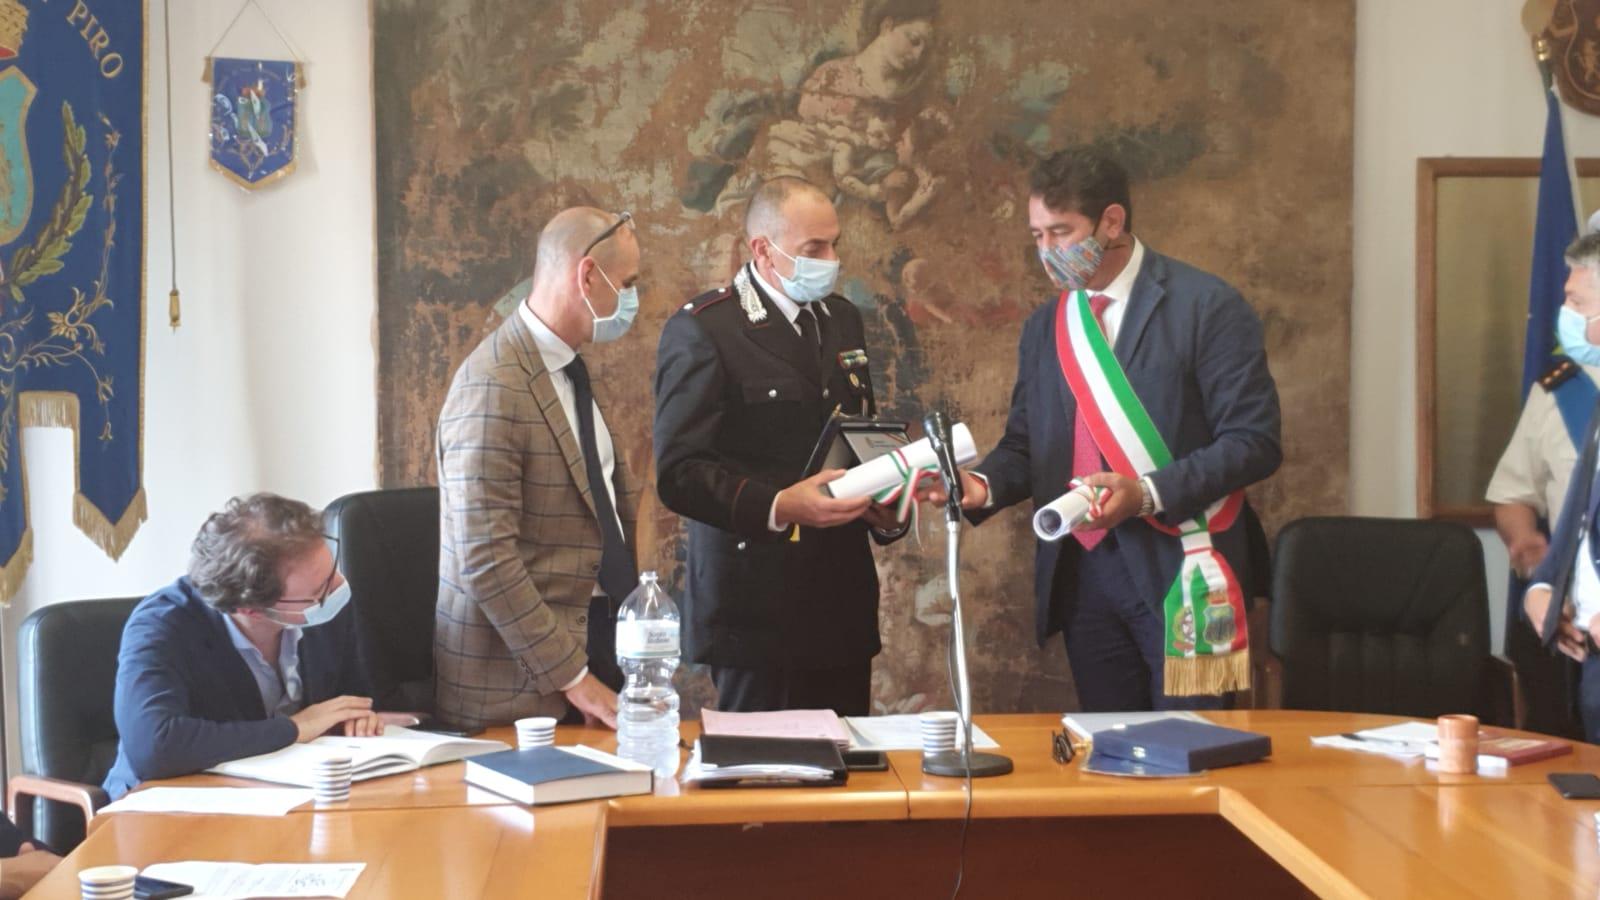 San Giovanni a Piro: encomio solenne per il tenente Ricotta e cittadinanza onoraria a Marotta